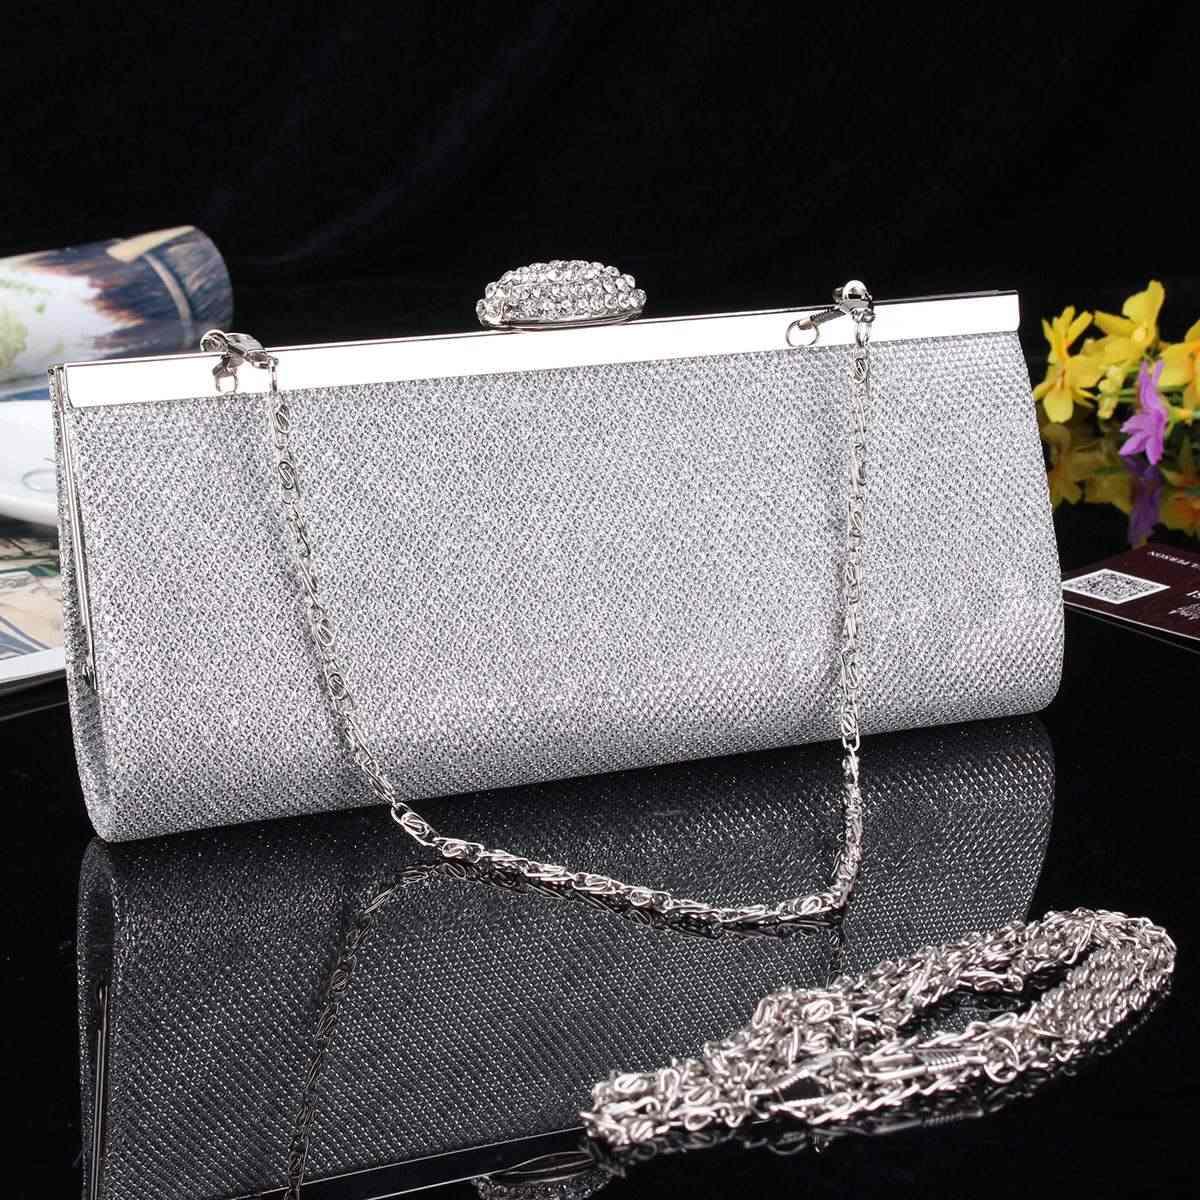 Серебряный Роскошный вечерний клатч, модные стразы, женская вечерняя сумочка, Свадебная вечерняя сумочка, клатч, сумочка, женский клатч, bolsos muje